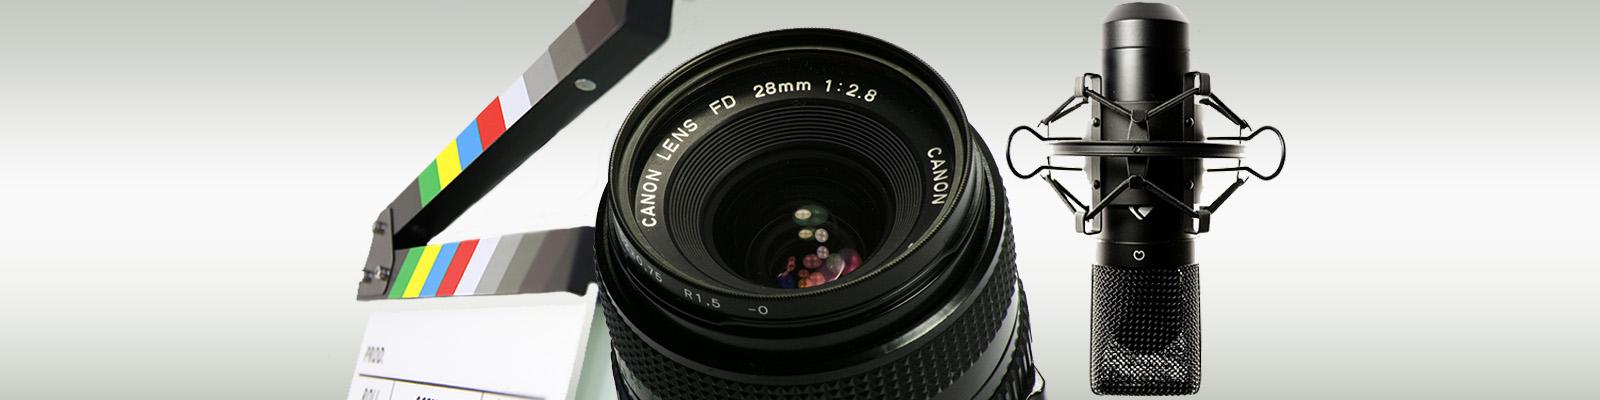 imagen-audio-video-foto_1600x400